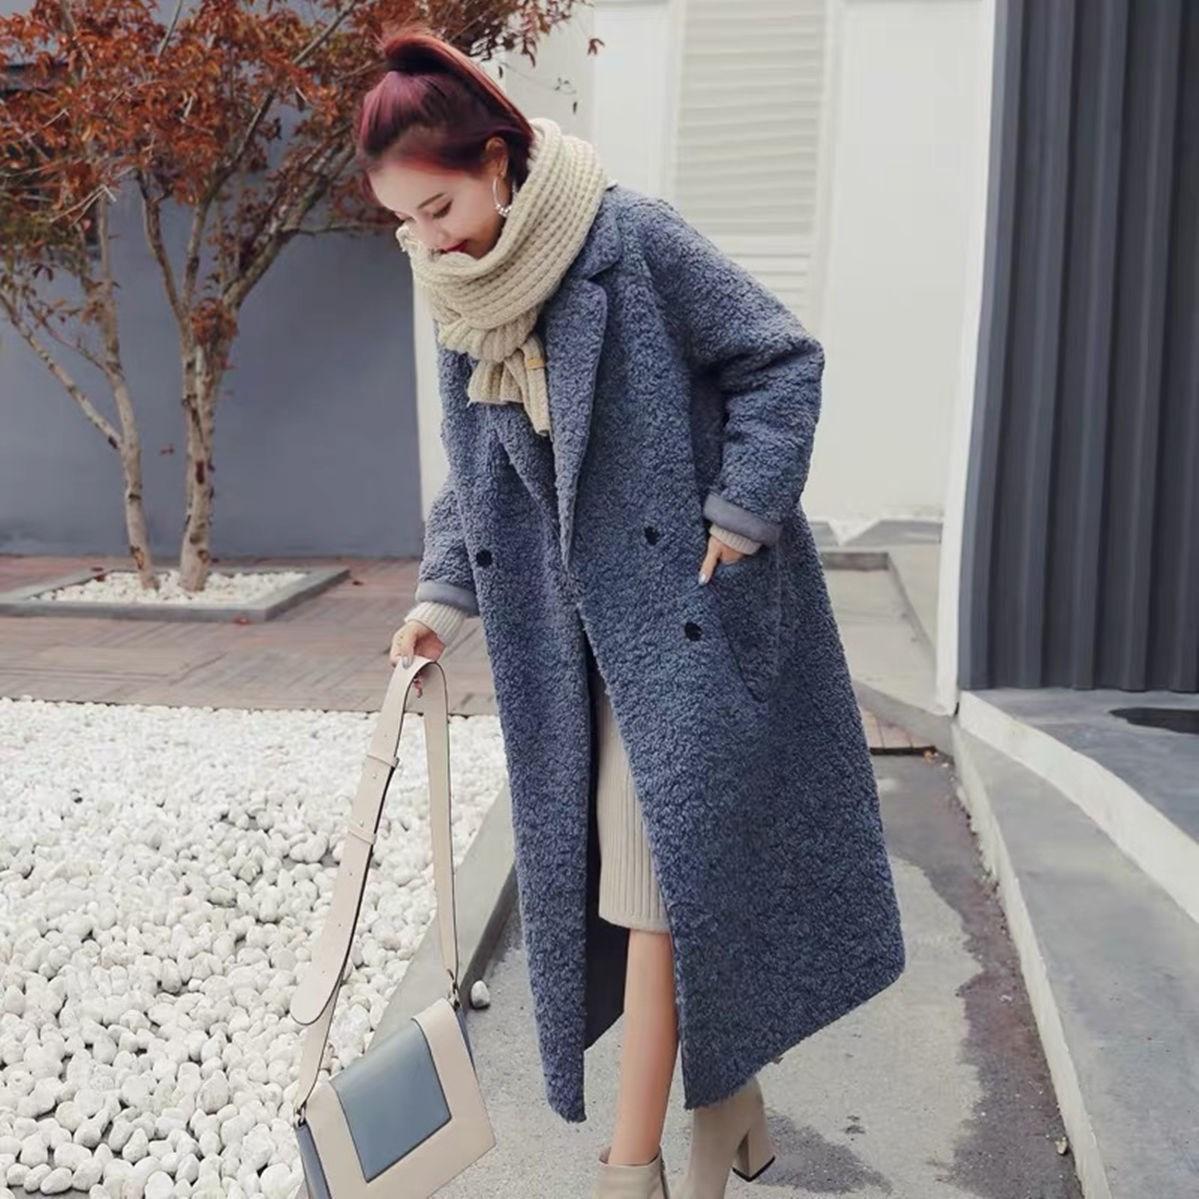 大衣女2020秋冬新款韩版宽松长款过膝羊羔绒加厚外套包邮